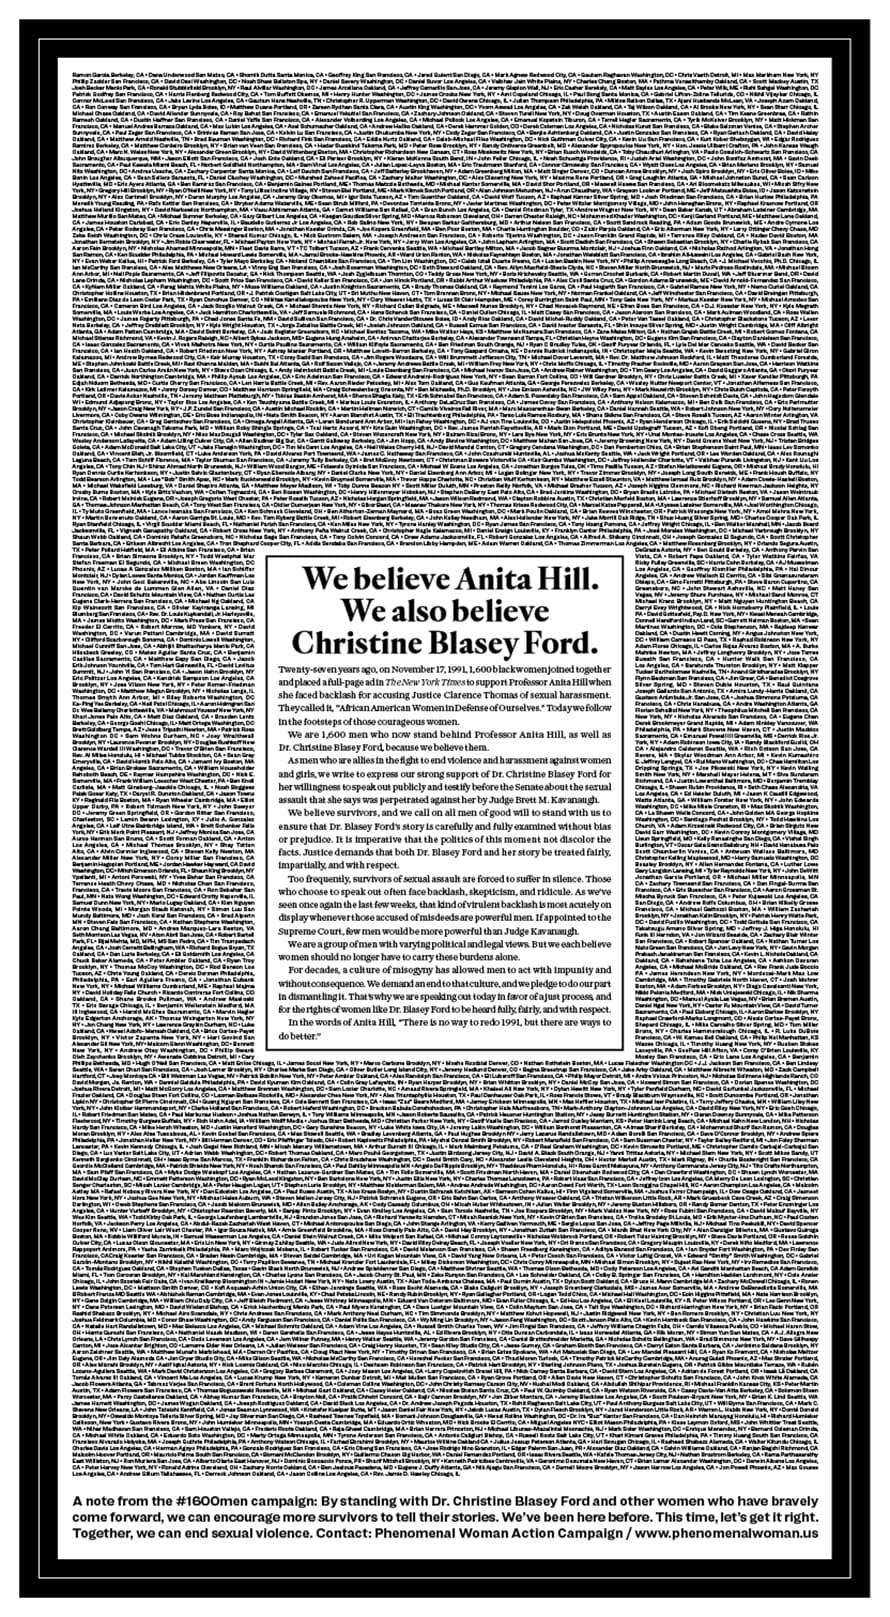 크리스틴 포드(Christine Blaacy Ford) 성폭행 증언을 지지하는 1600人 광고